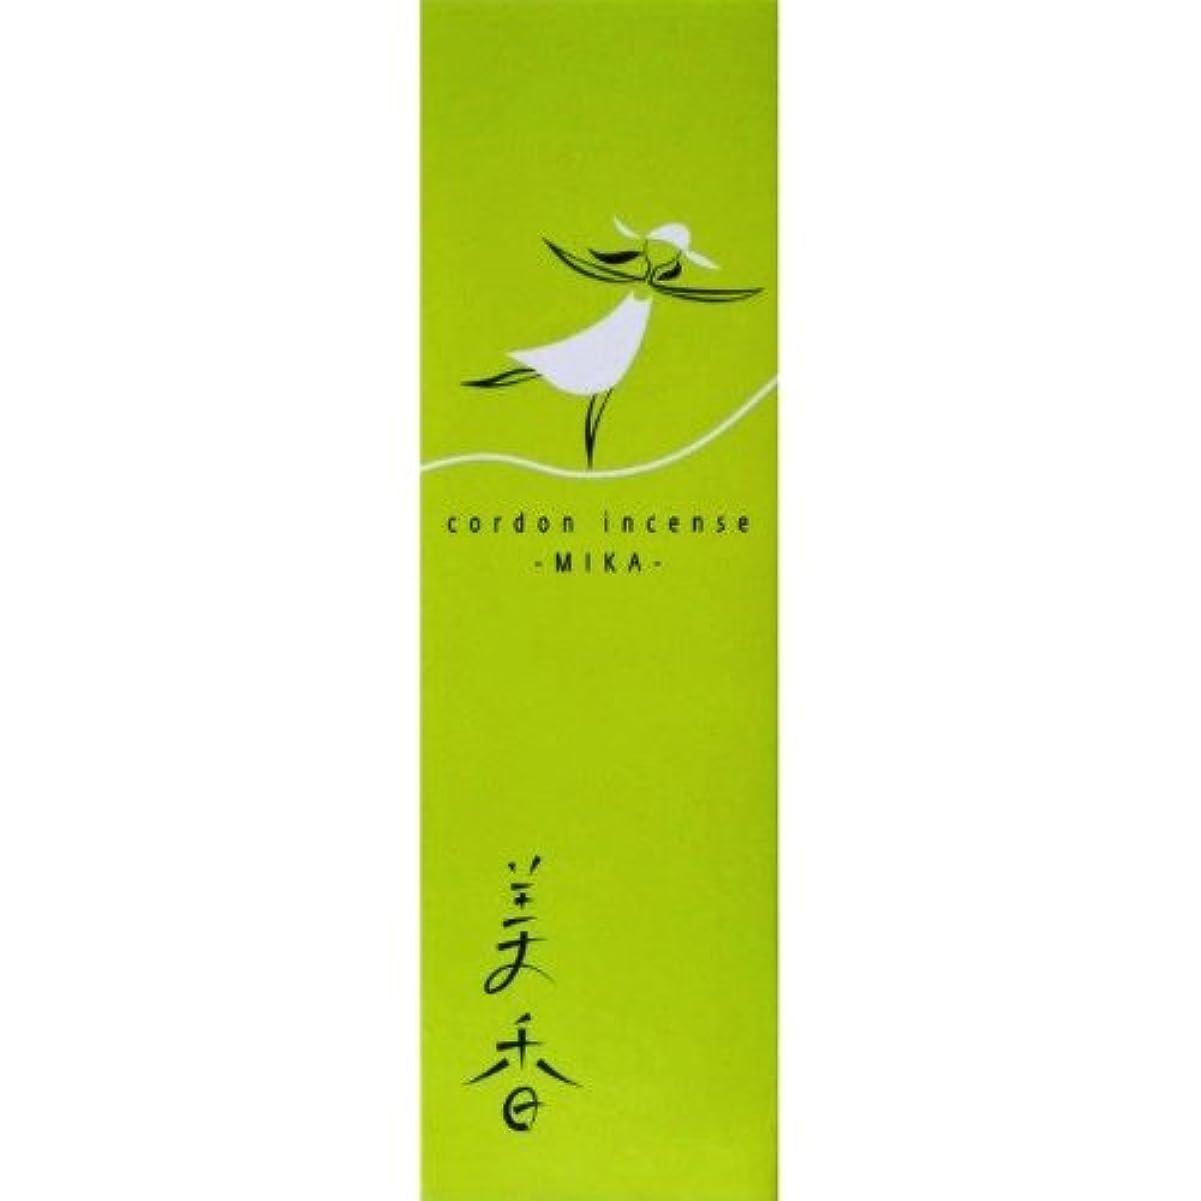 検索エンジンマーケティング手錠便宜薫寿堂 紙のお香 美香 草原の輝き